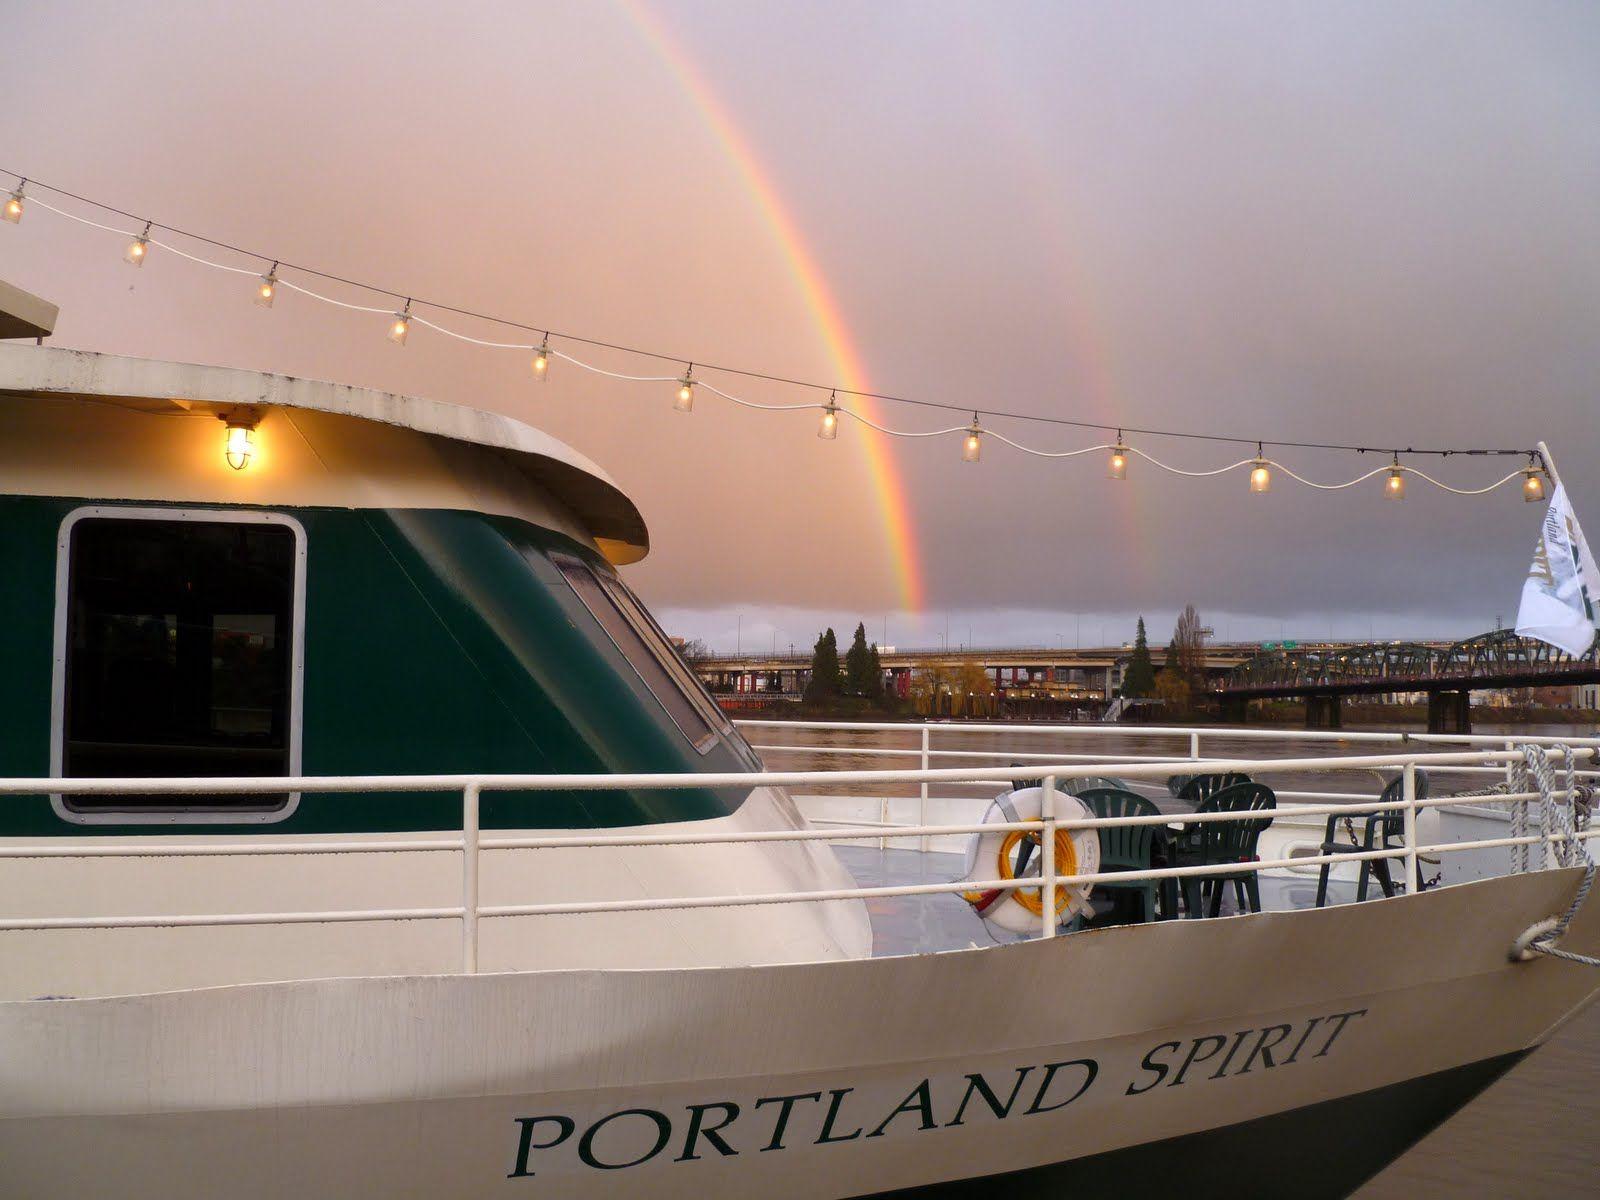 Map Of Oregon Highways%0A Portland Oregon Wedding Venue  Portland Spirit  Yacht Wedding  Unique